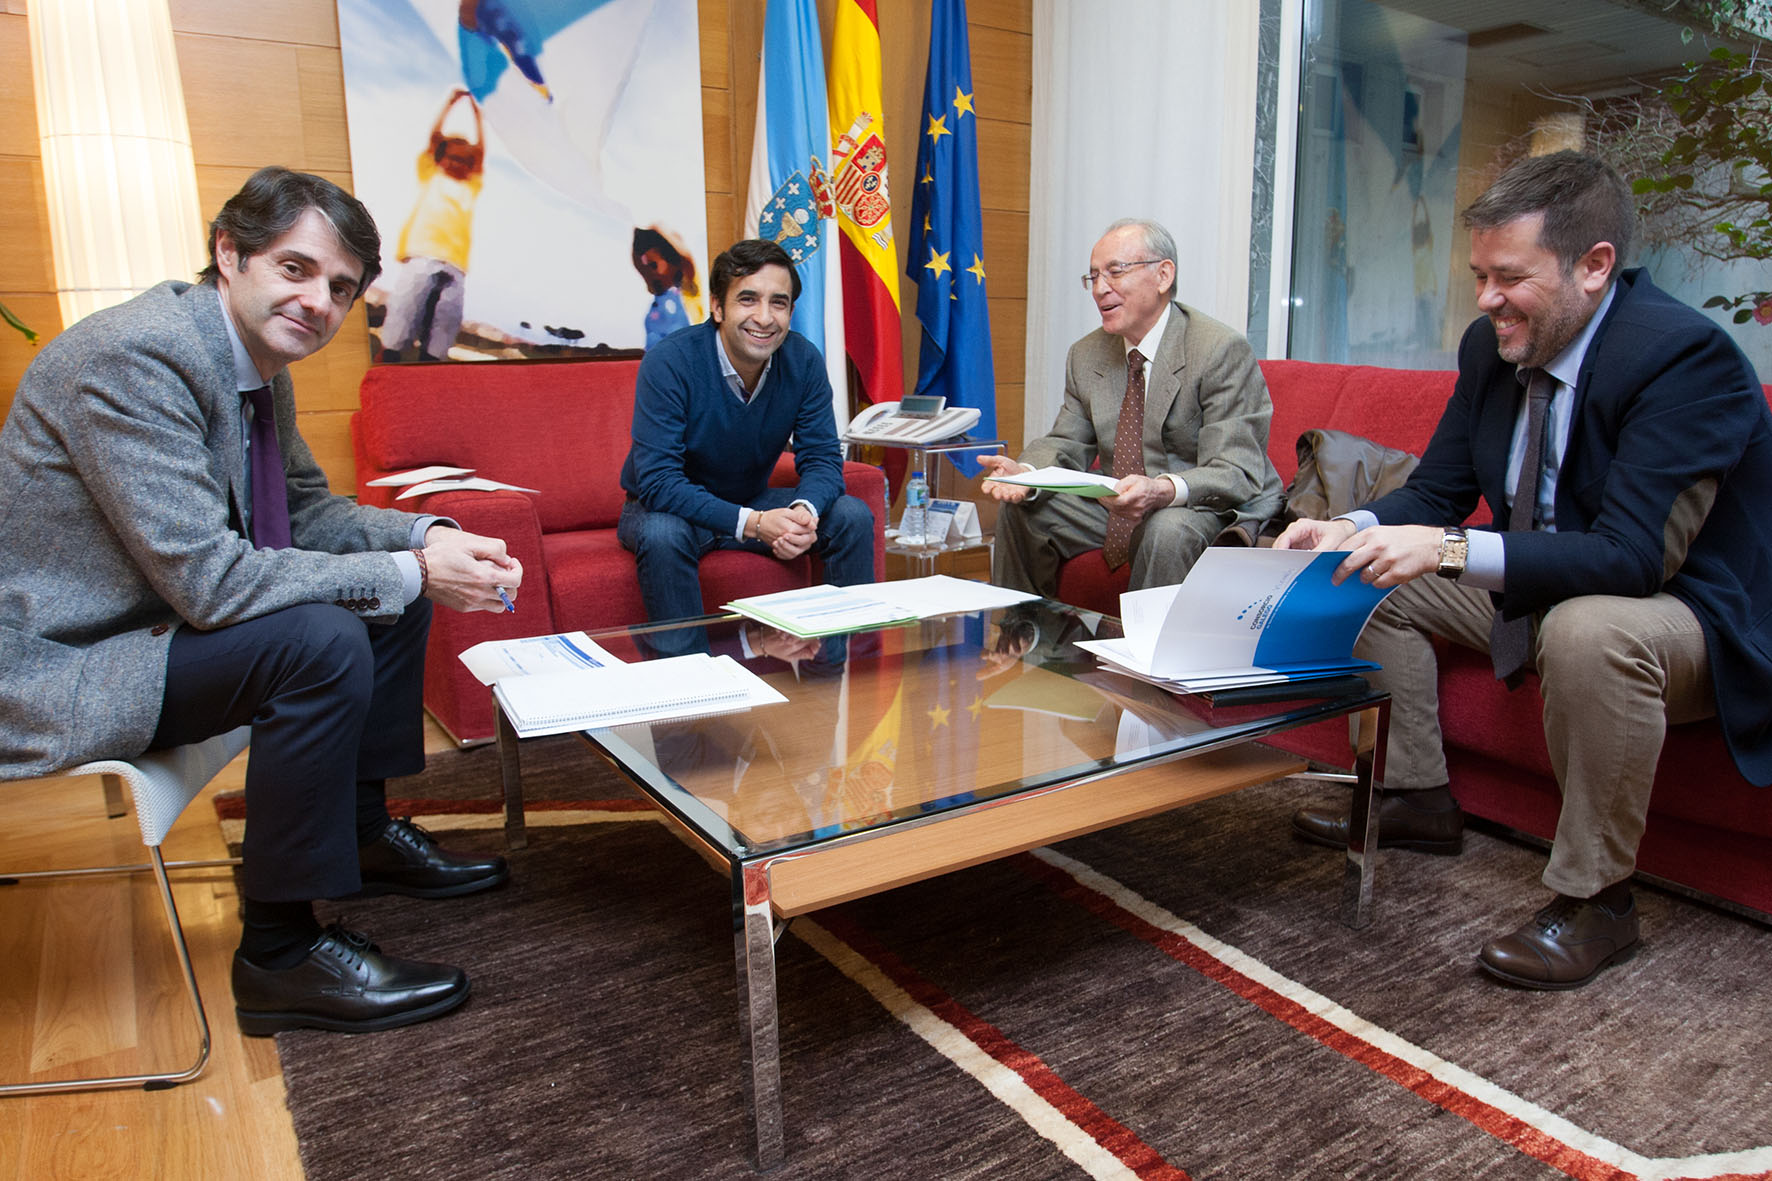 La Consellería de Política Social continúa con su ronda de reuniones con los alcaldes gallegos en la búsqueda de mejores servicios sociales para la población gallega